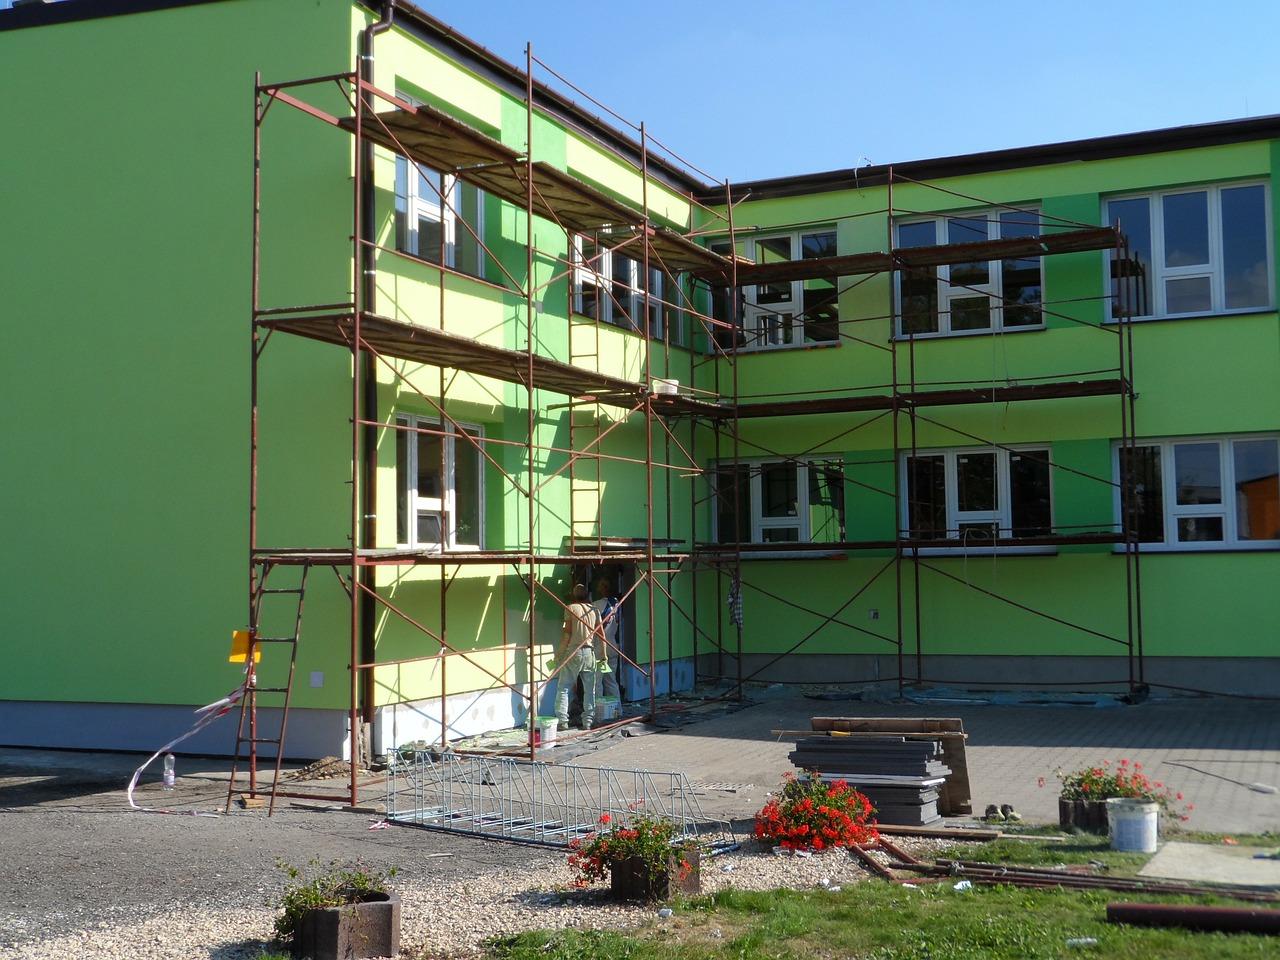 Zakres usług firmy remontowej. Usługi budowlane, wykańczanie domów w Warszawie